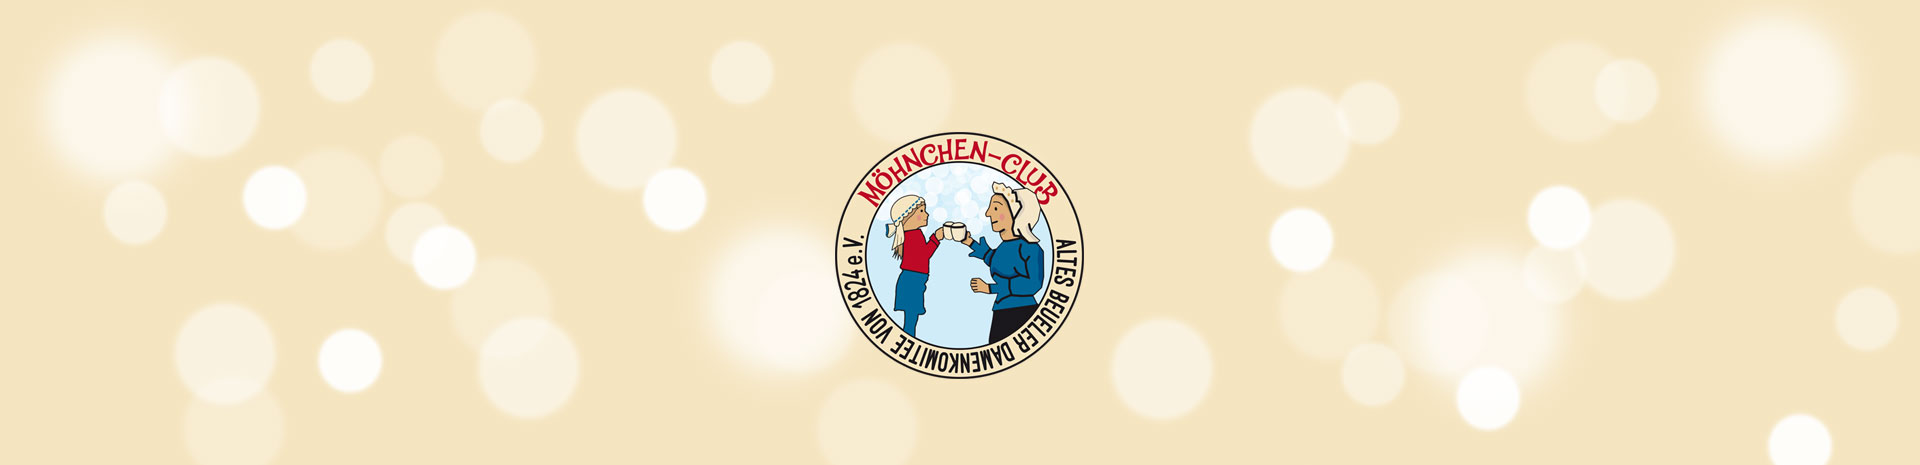 moehnchen_slide_home